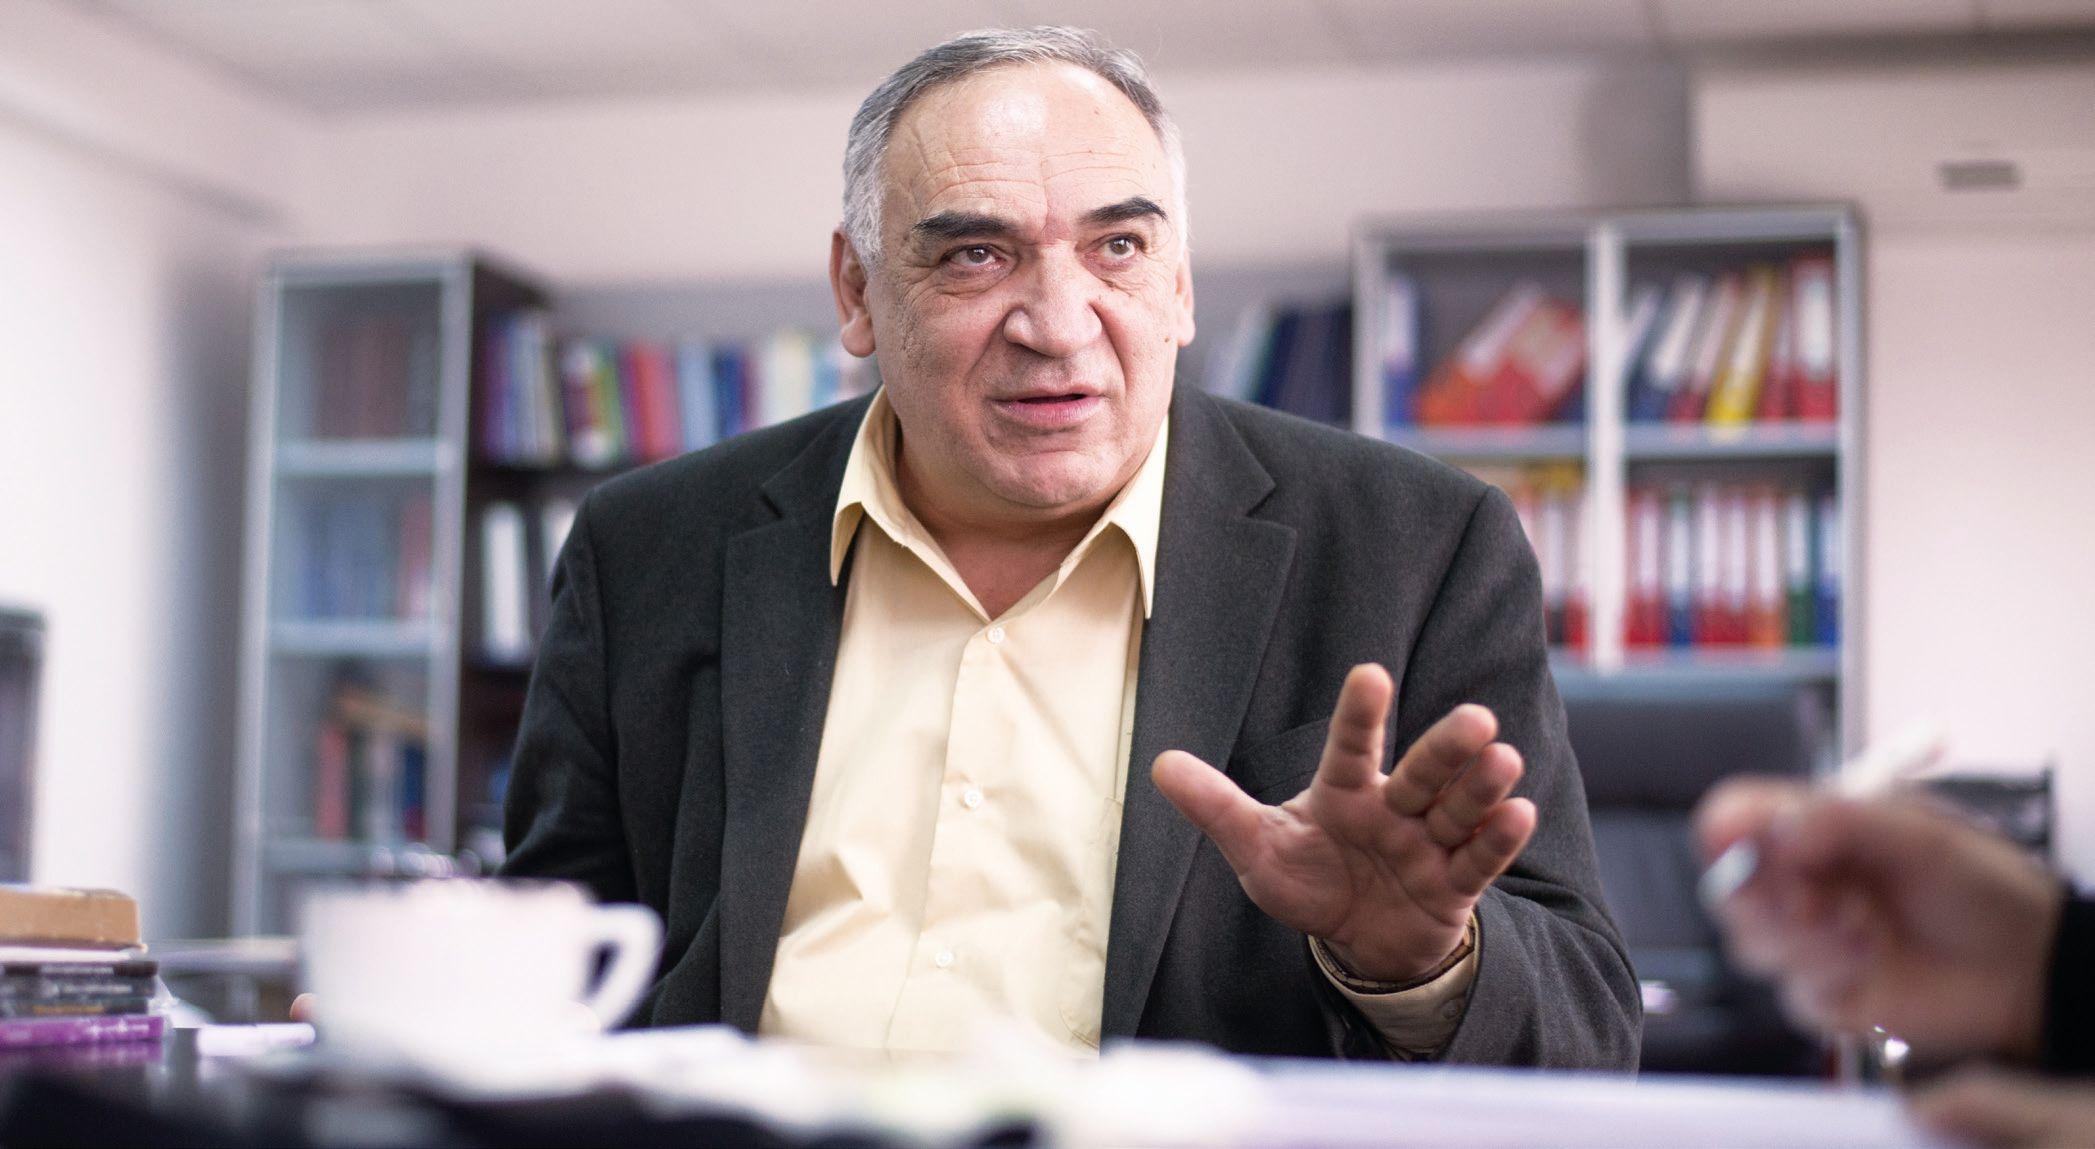 Fizicianul Nicolae Zamfir s-a întors din America pentru Institutul de la Măgurele care era în ruină